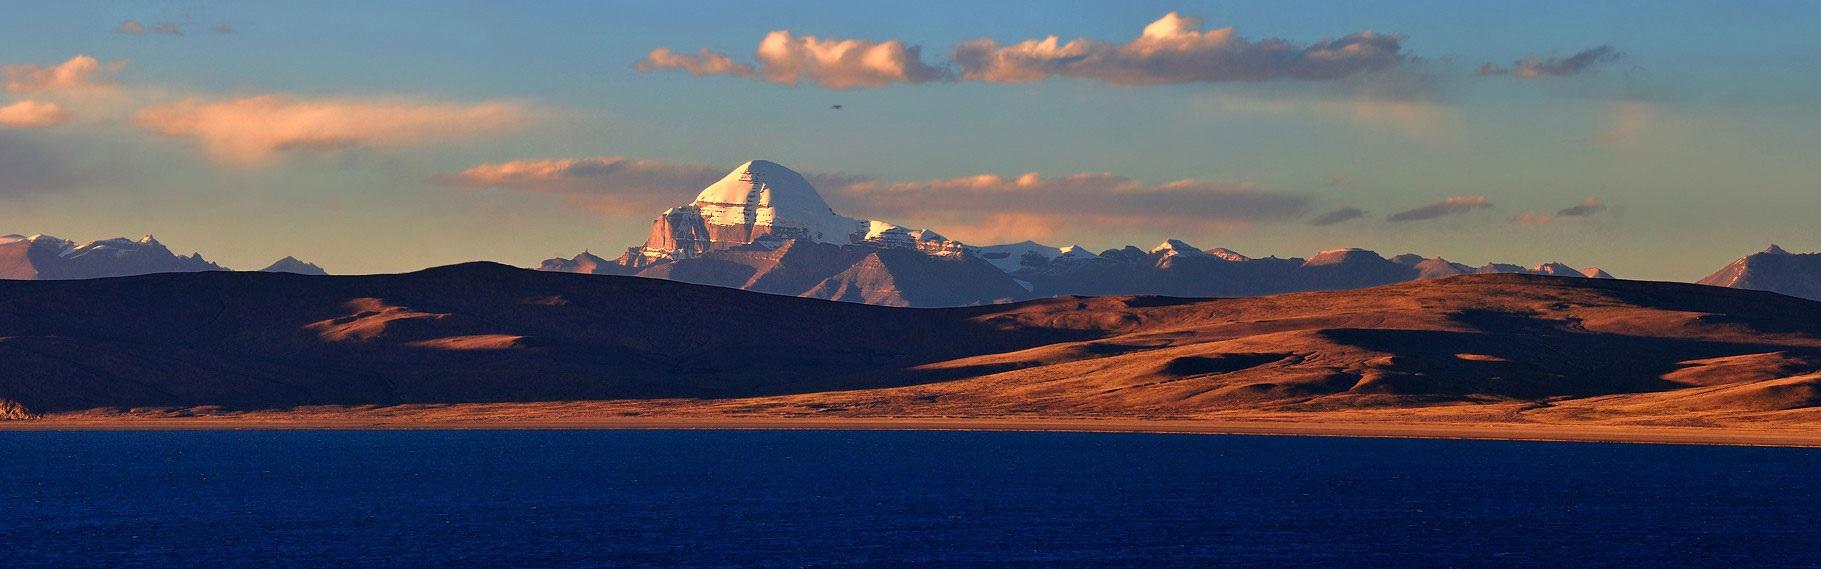 Kailash Trek & Pilgrimage Tours